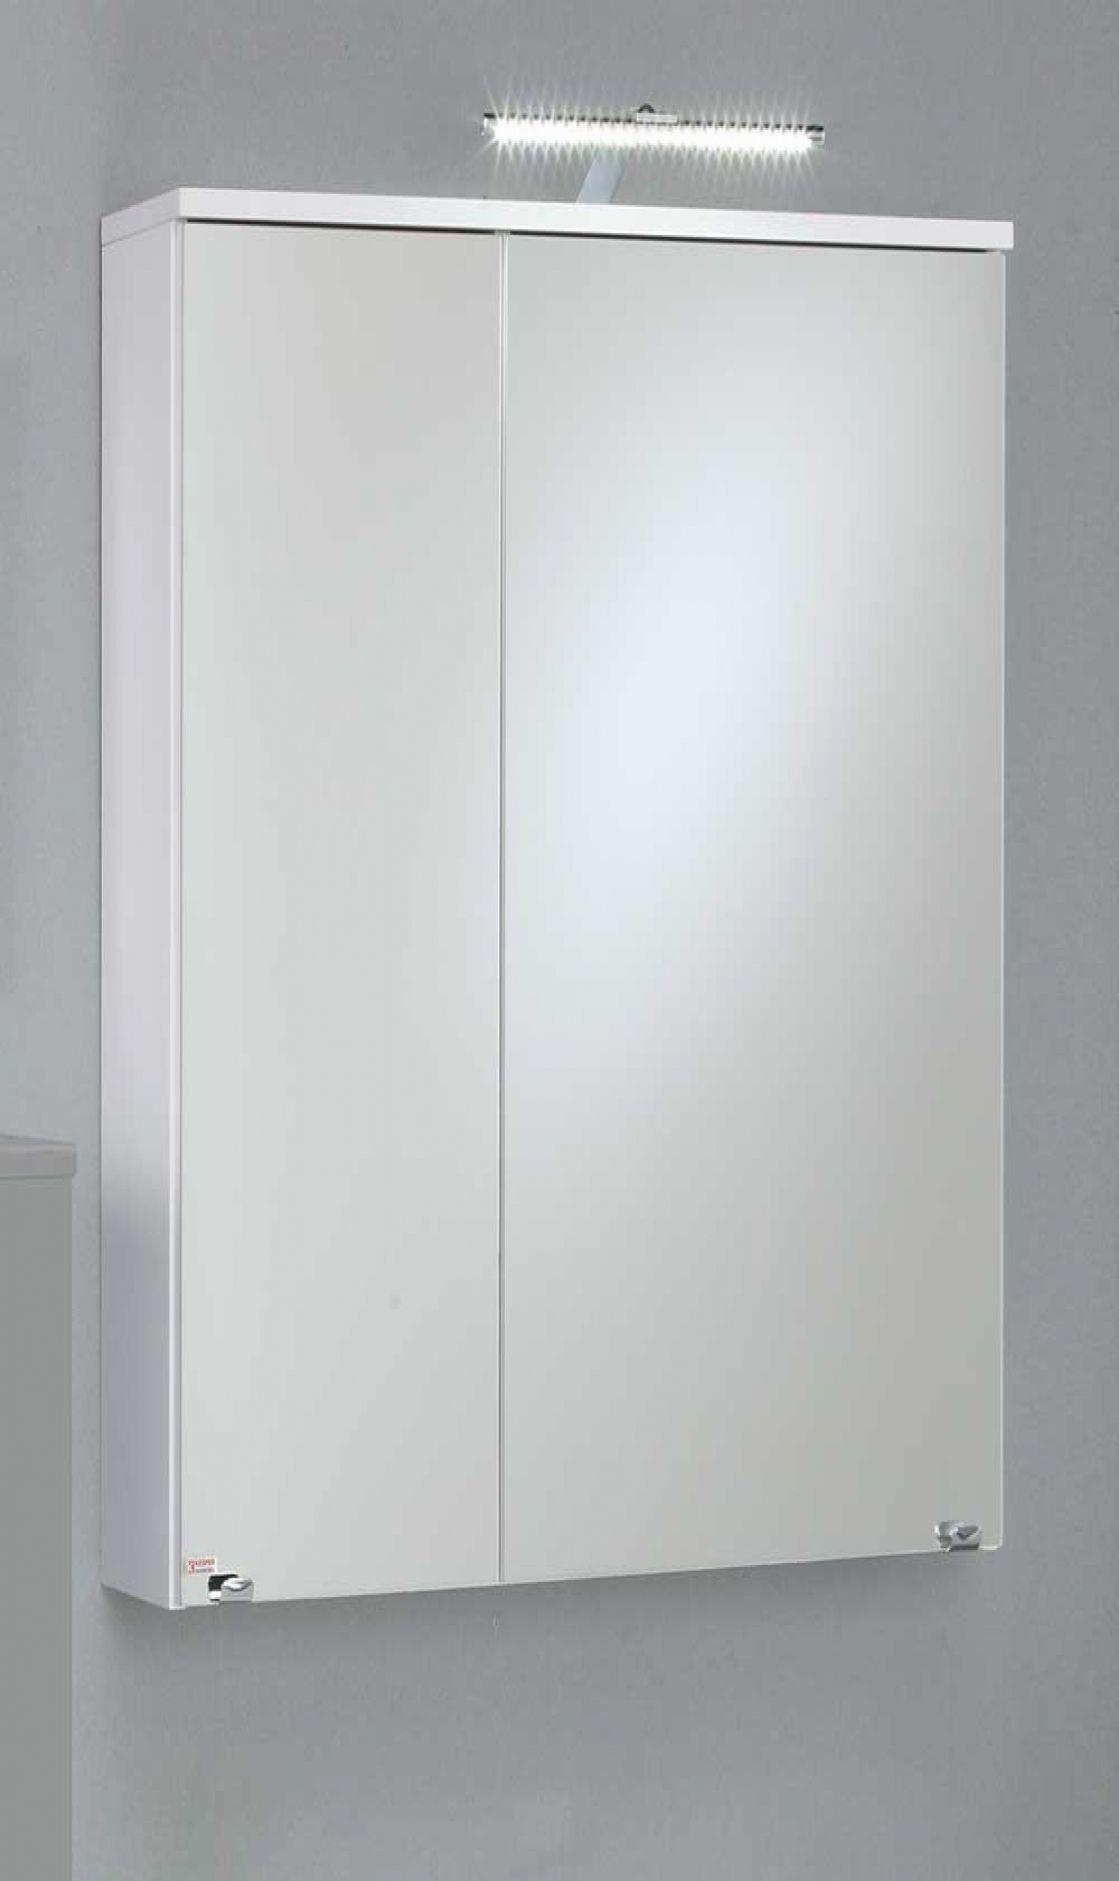 21 Elegant Schrank 300 Cm Breit In 2020 Spiegelschrank Schrank Schrank Design